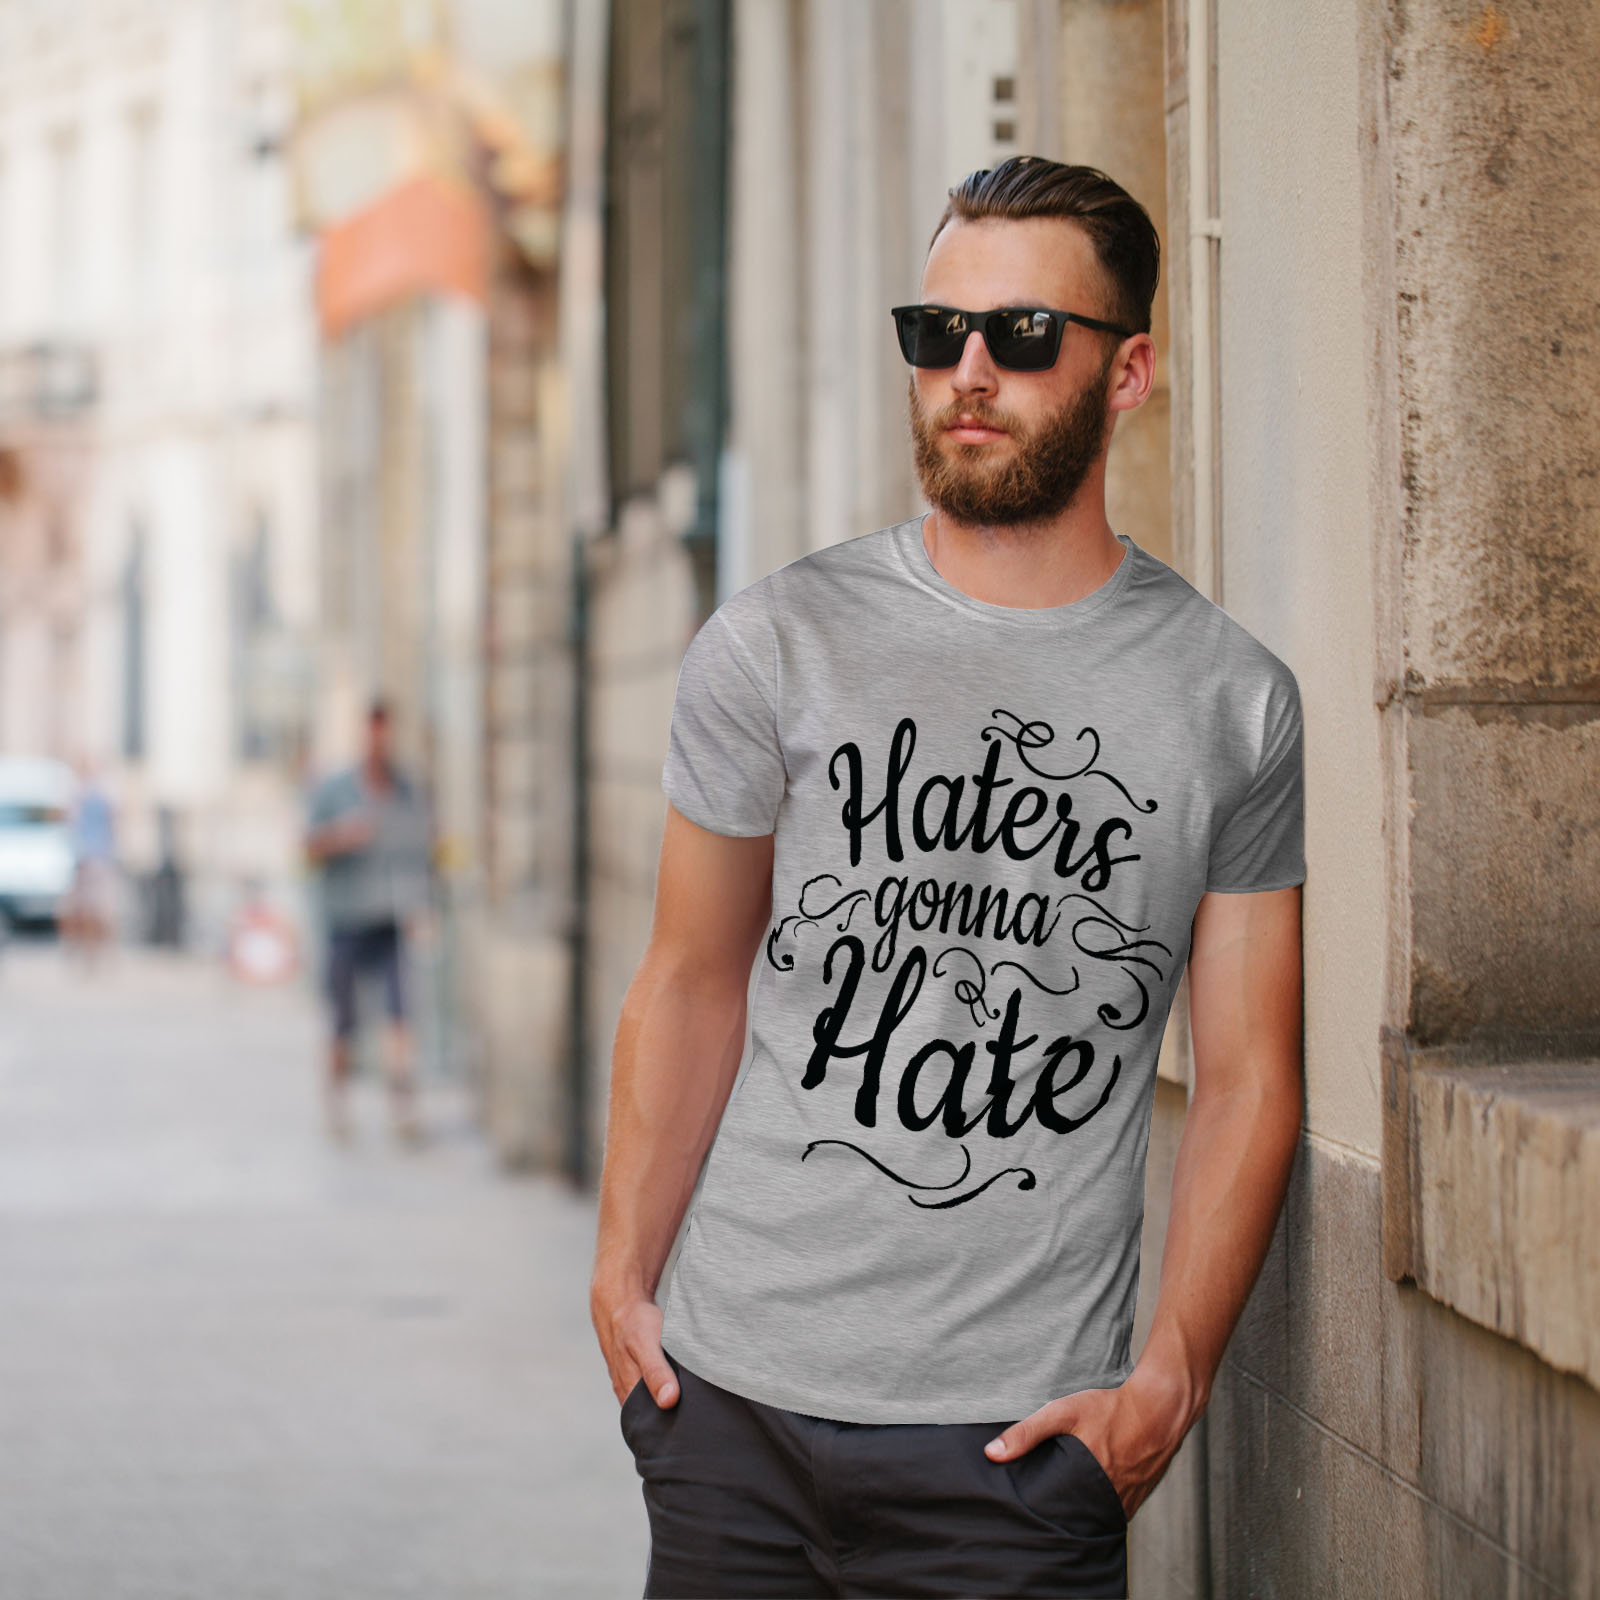 Wellcoda-Hasser-Gonna-Hate-Herren-T-Shirt-lustige-Grafikdesign-Printed-Tee Indexbild 17